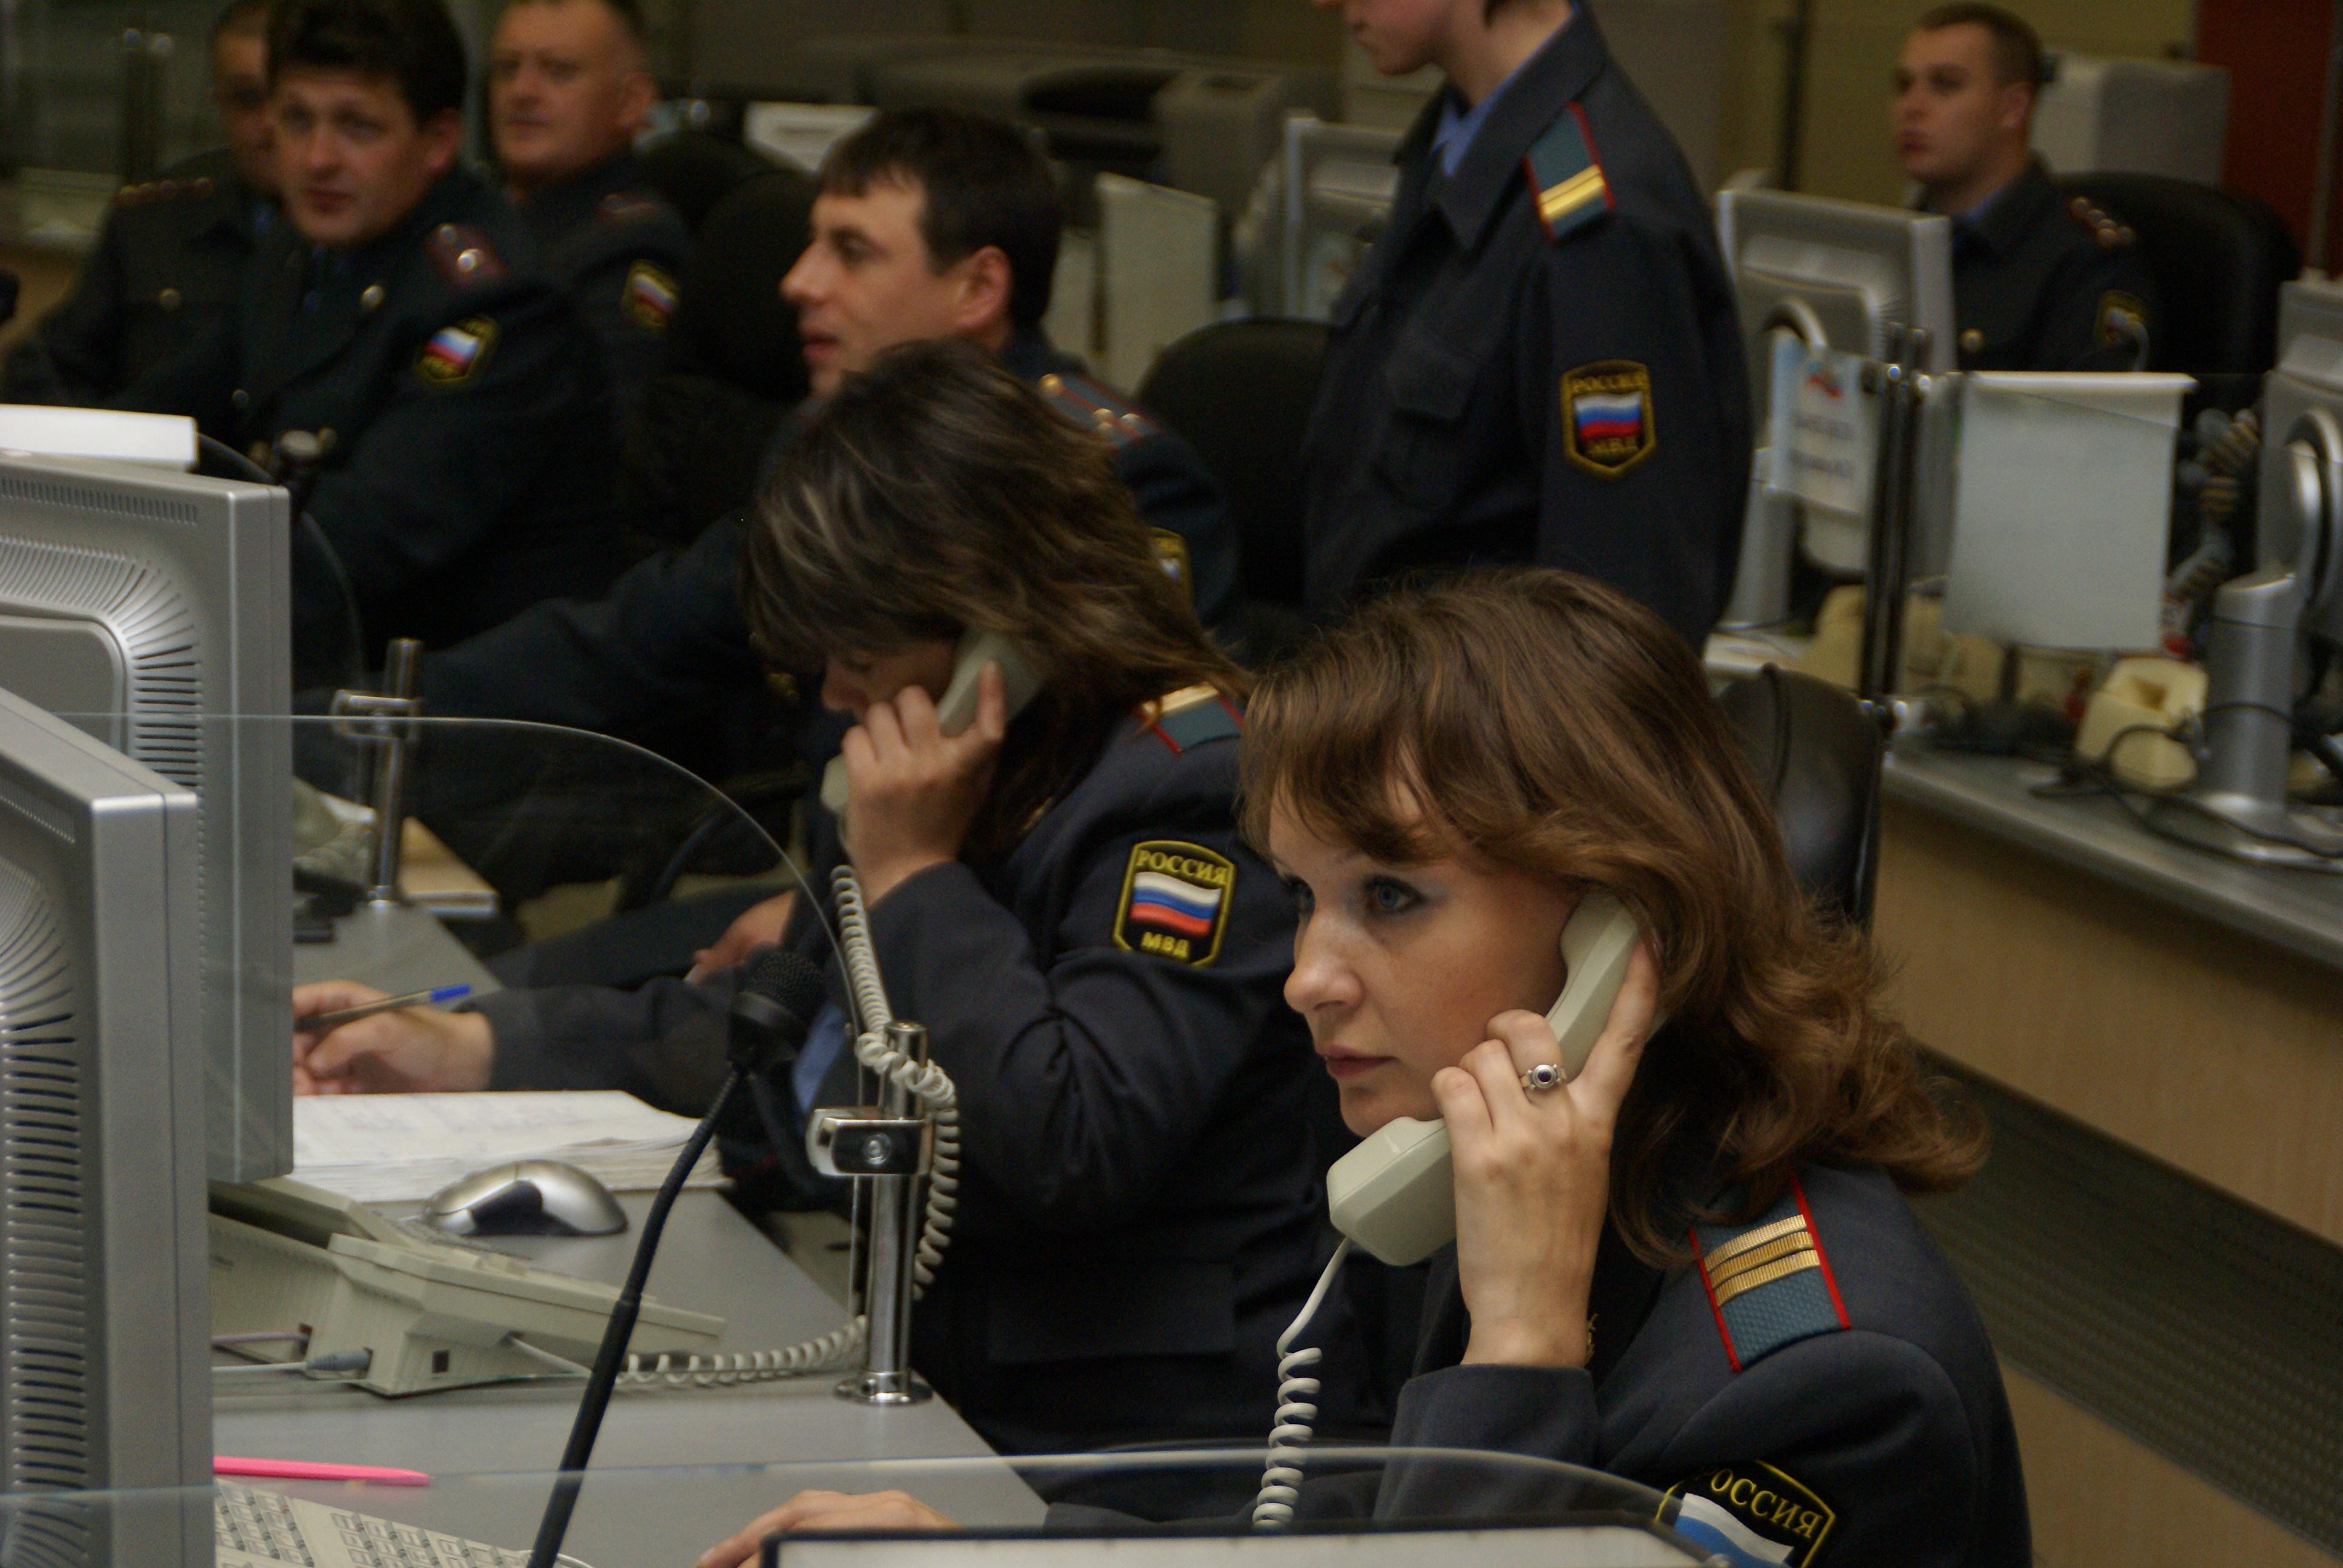 Фотогалерея женщин полицейских 16 фотография